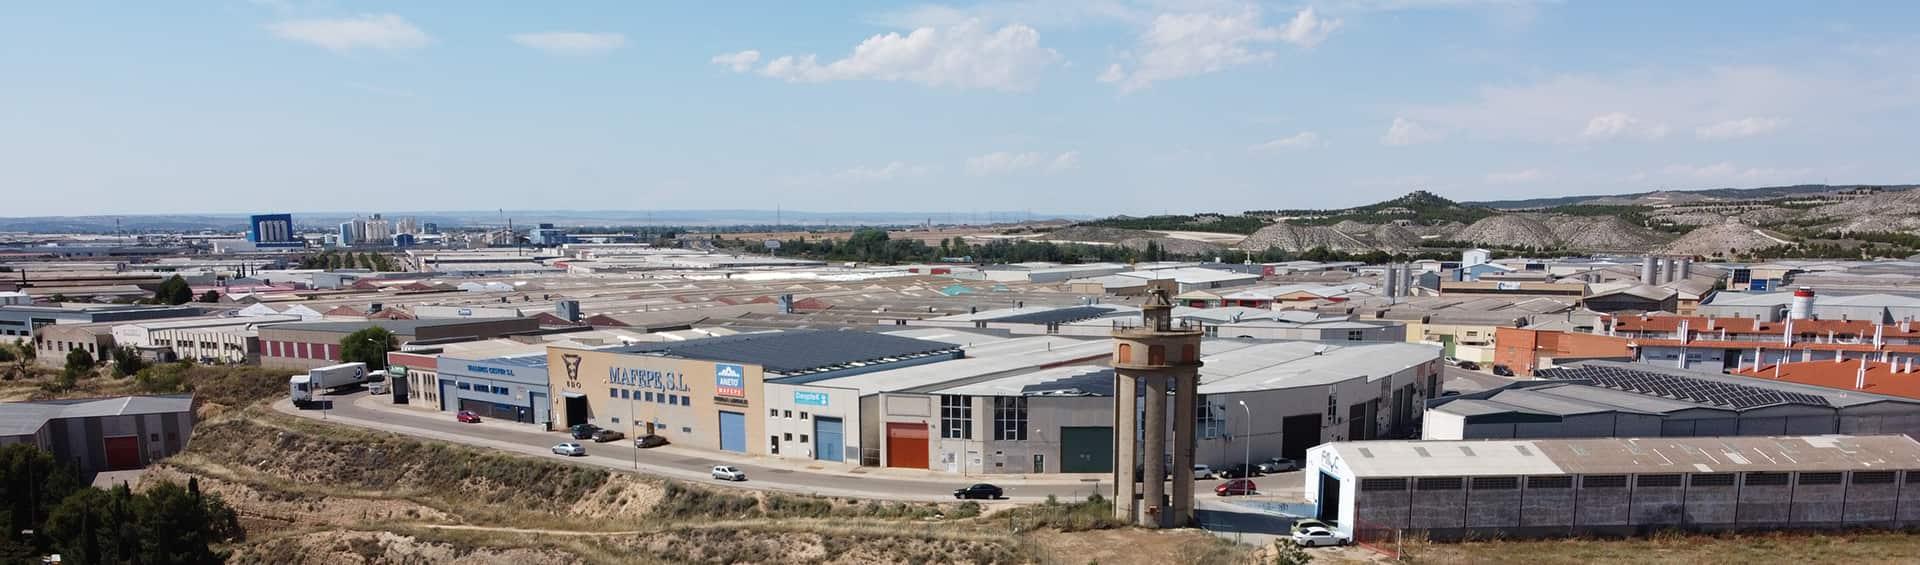 Polígono industrial La Puebla de Alfindén